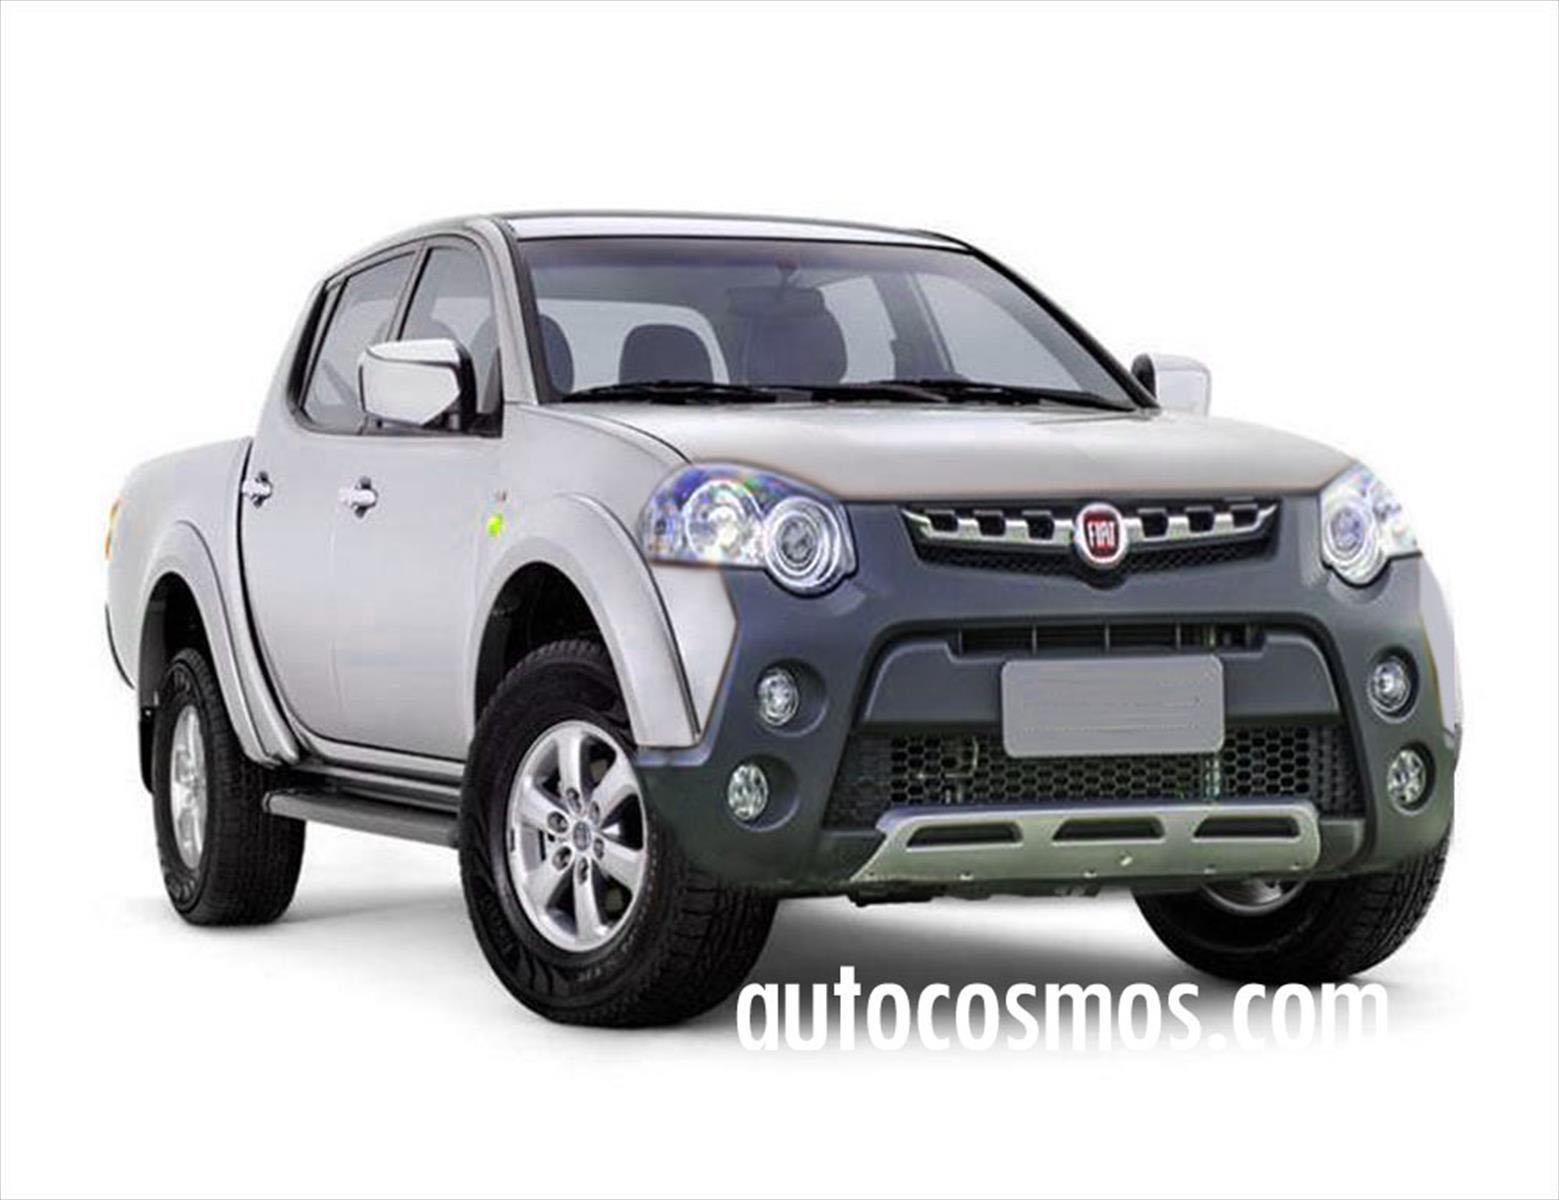 The New Mitsubishi Estrada 2015 | Autos Post